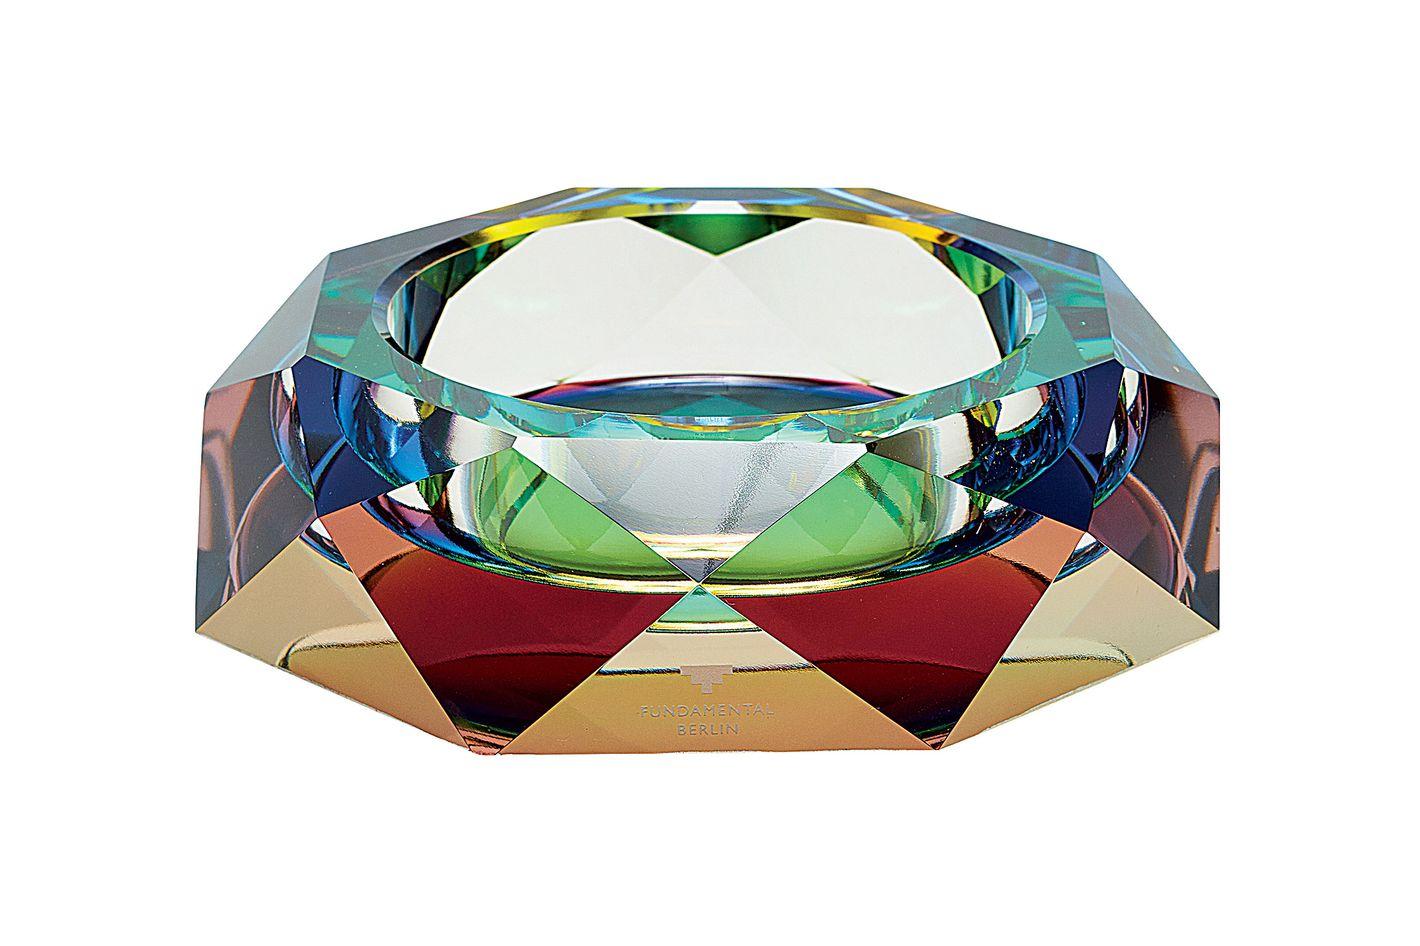 Iridescent Crystal Ashtray